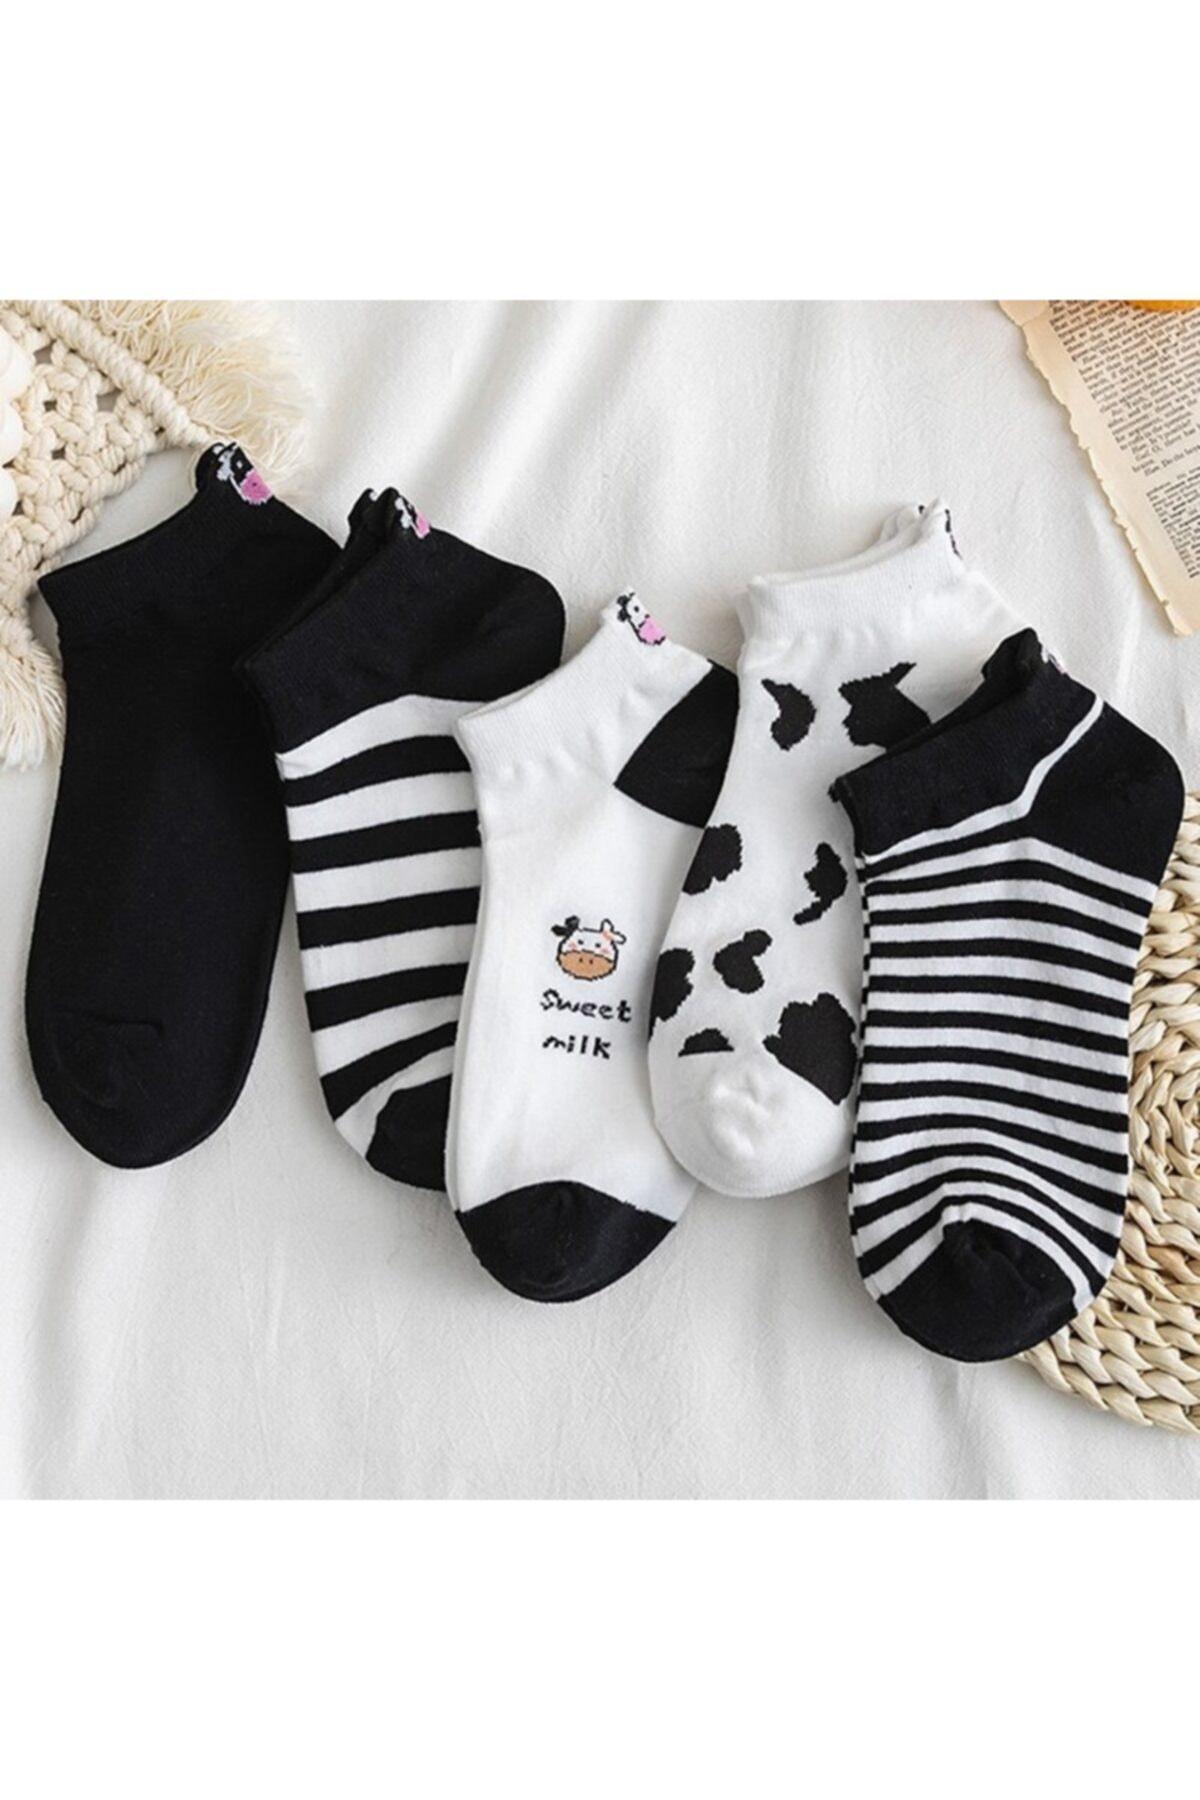 Kadın Siyah Beyaz İnek Desenli Nakışlı Patik Çorap 5 Çift